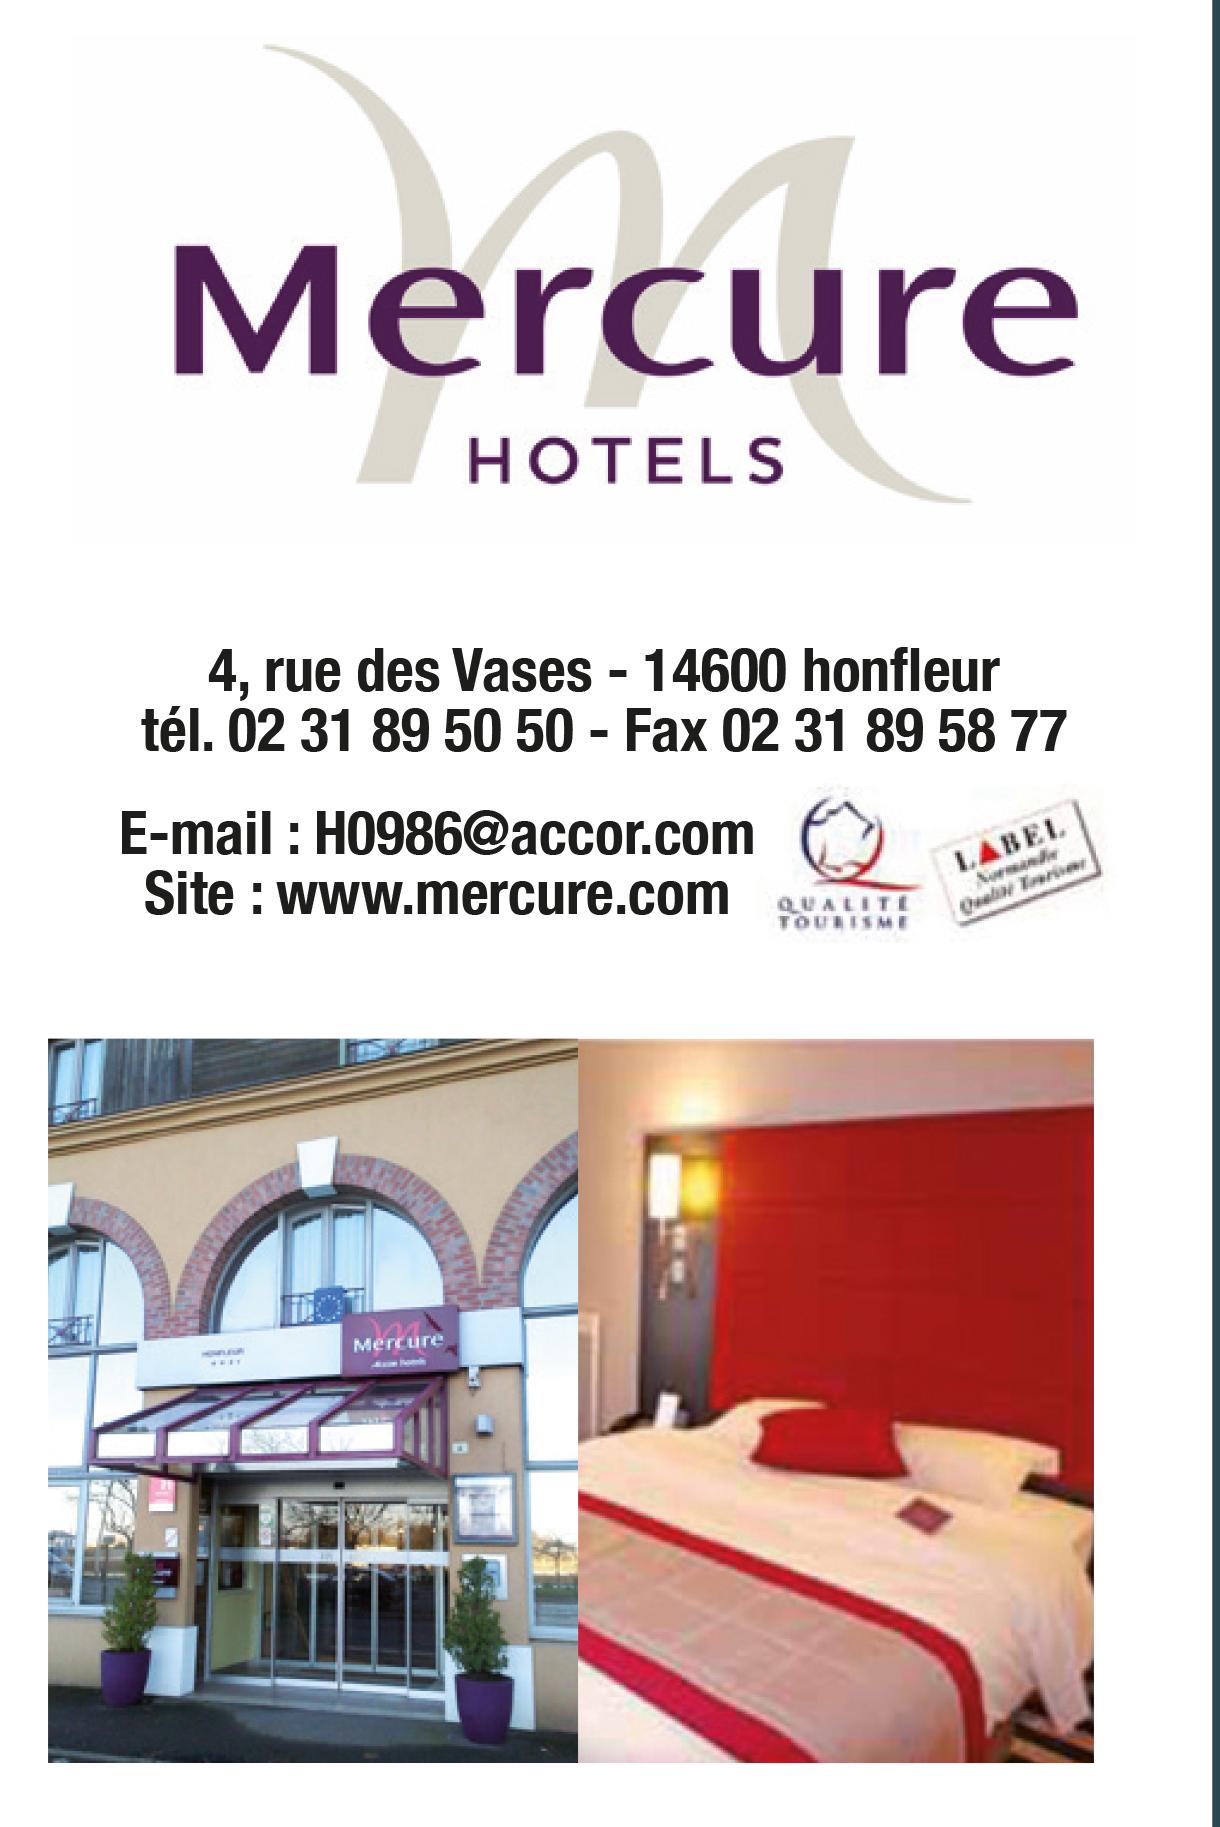 17 - Mercure